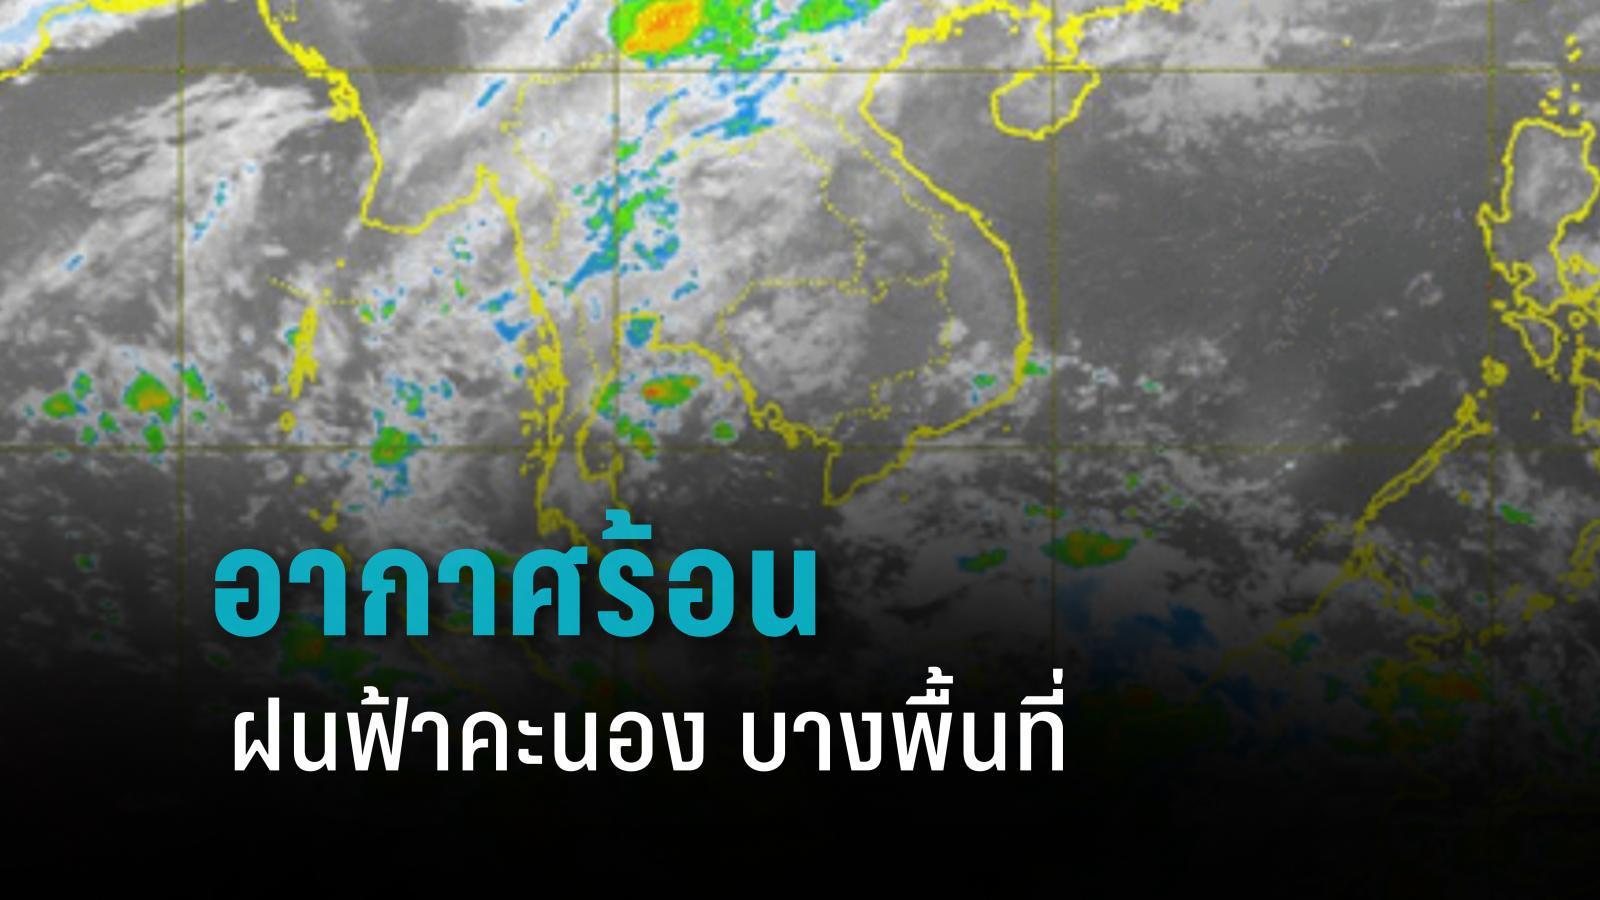 อุตุฯ เผย ไทยอากาศร้อน แต่บางพื้นที่ มีฝนฟ้าคะนอง